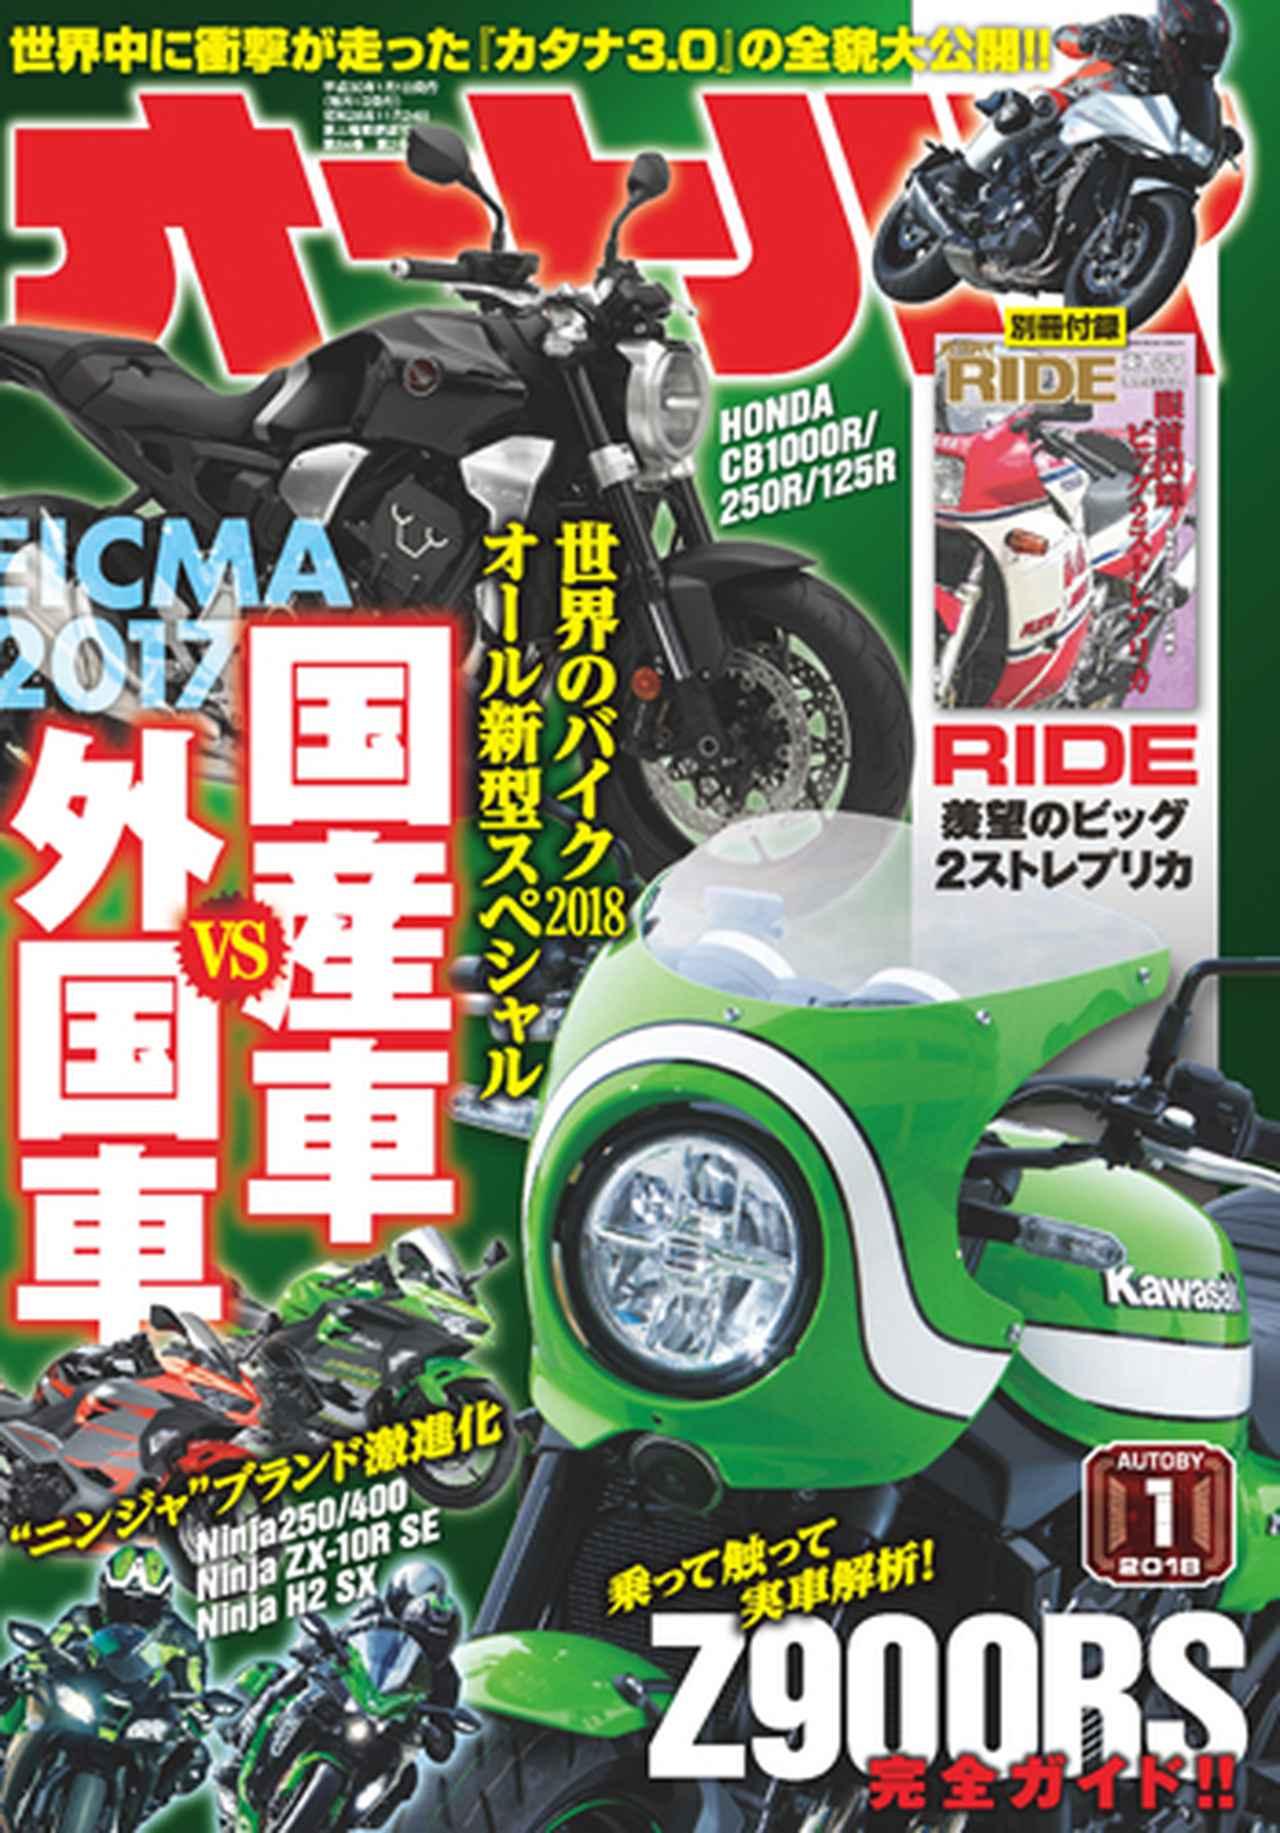 画像: Motor Magazine Ltd. / モーターマガジン社 / オートバイ 2018年 1月号